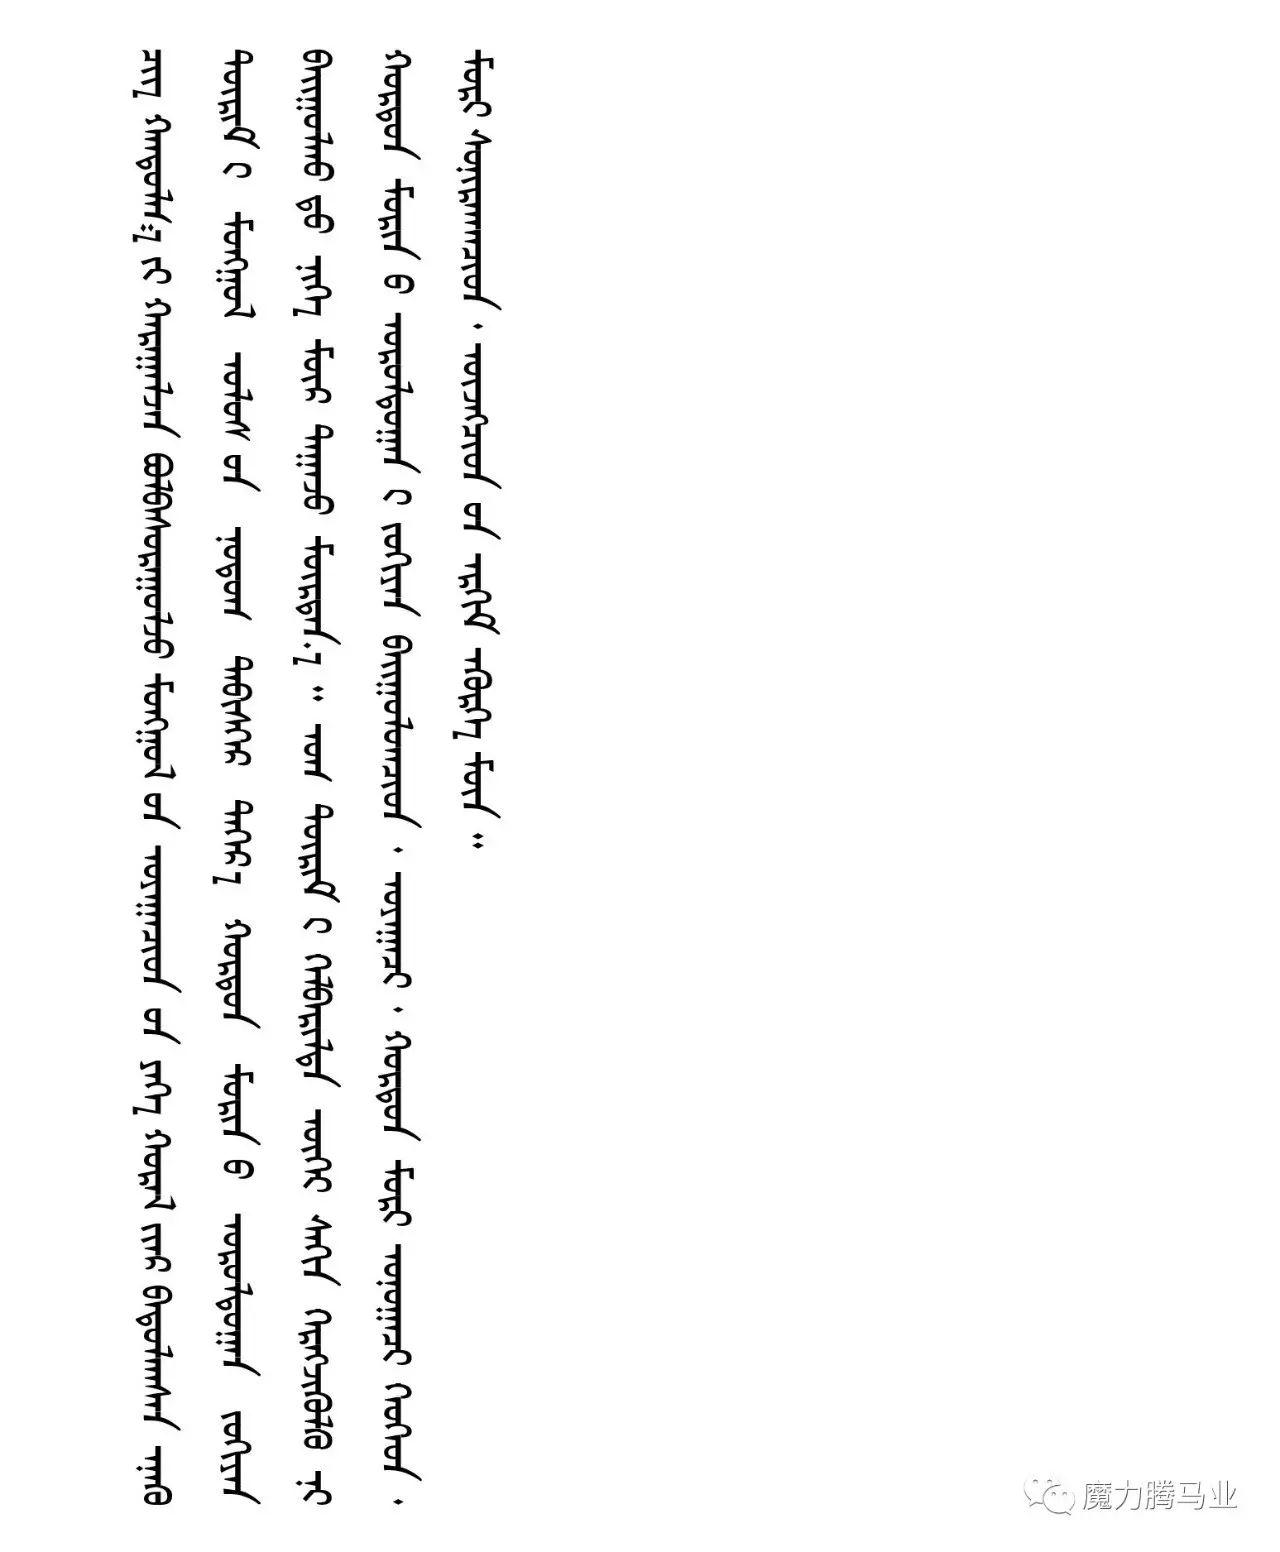 蒙古国赛马章程介绍 第45张